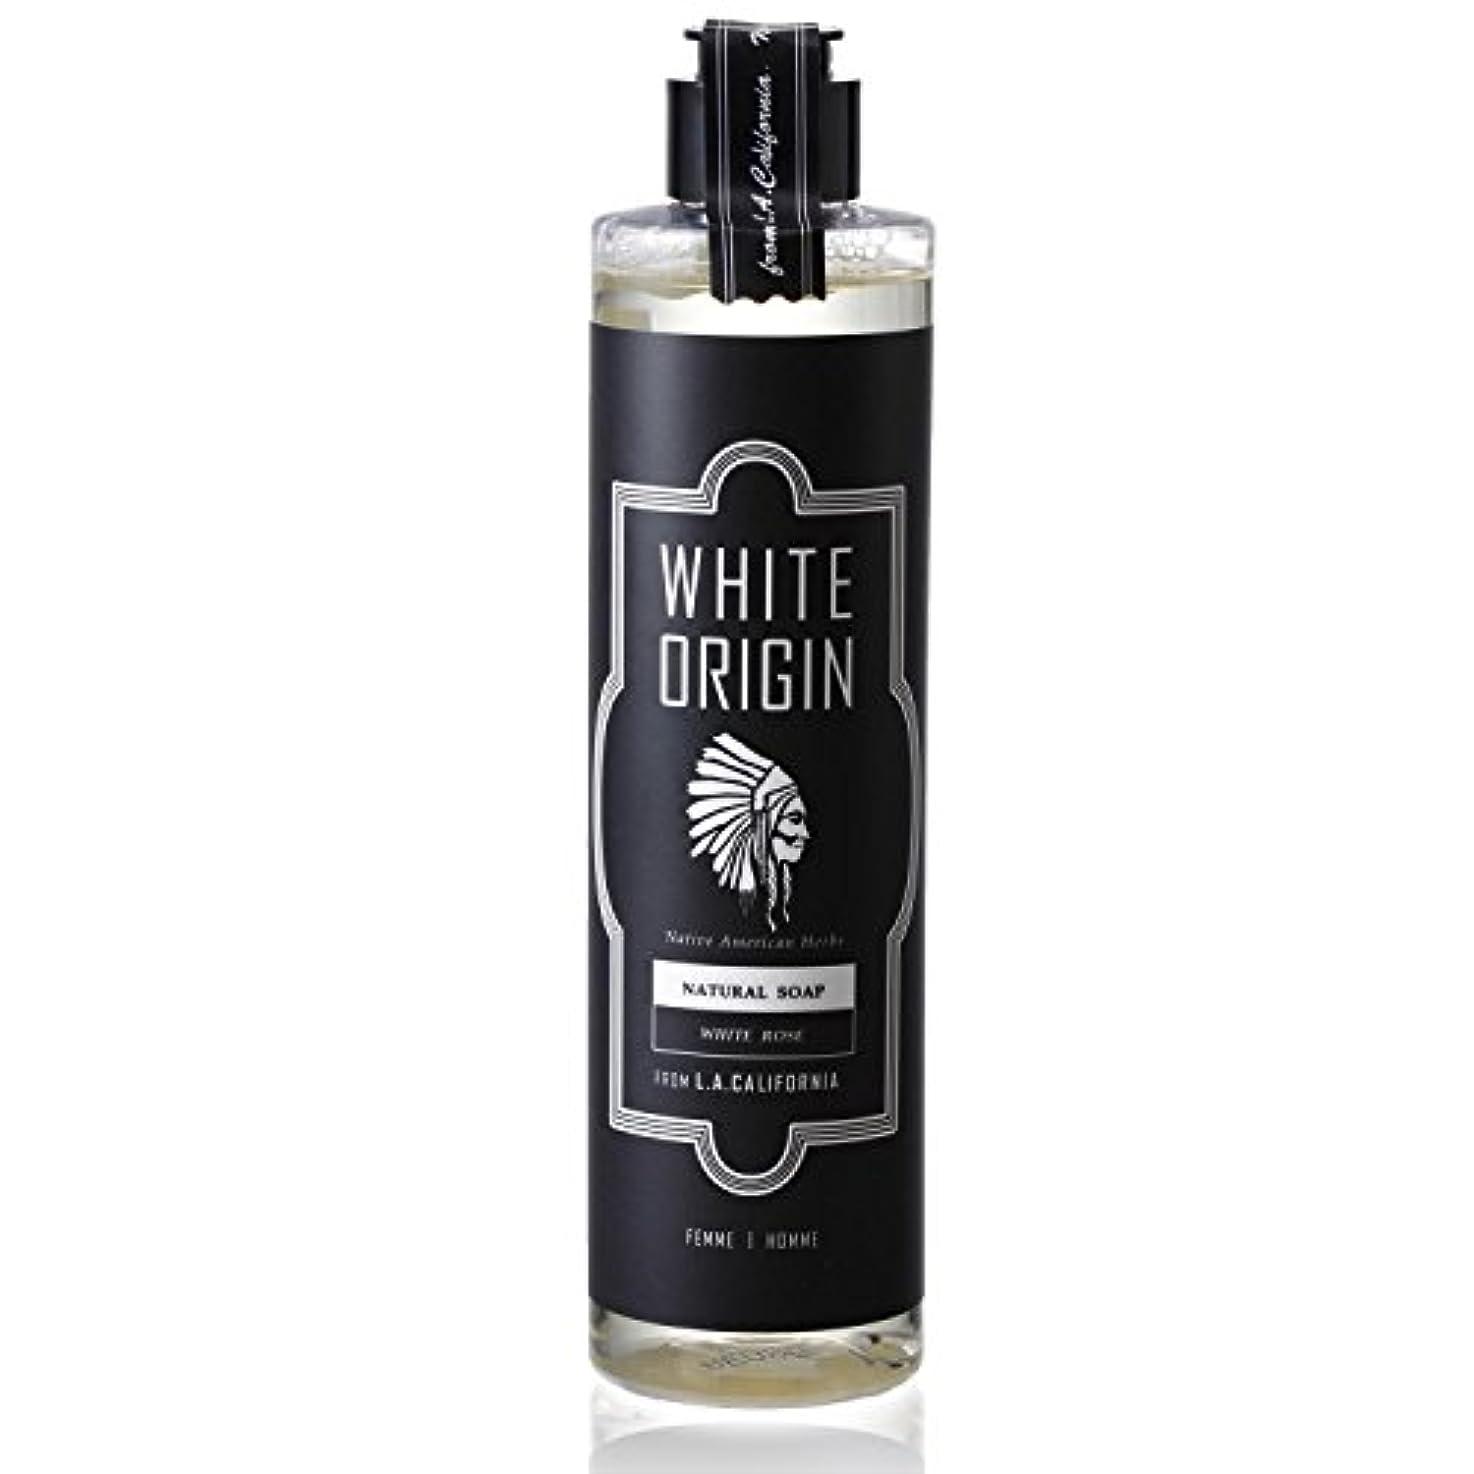 投資するカトリック教徒意見WHITE ORIGIN ボディソープ 300ml 加齢臭 ケア オーガニック ナチュラル 男前 乾燥 ホワイトローズ